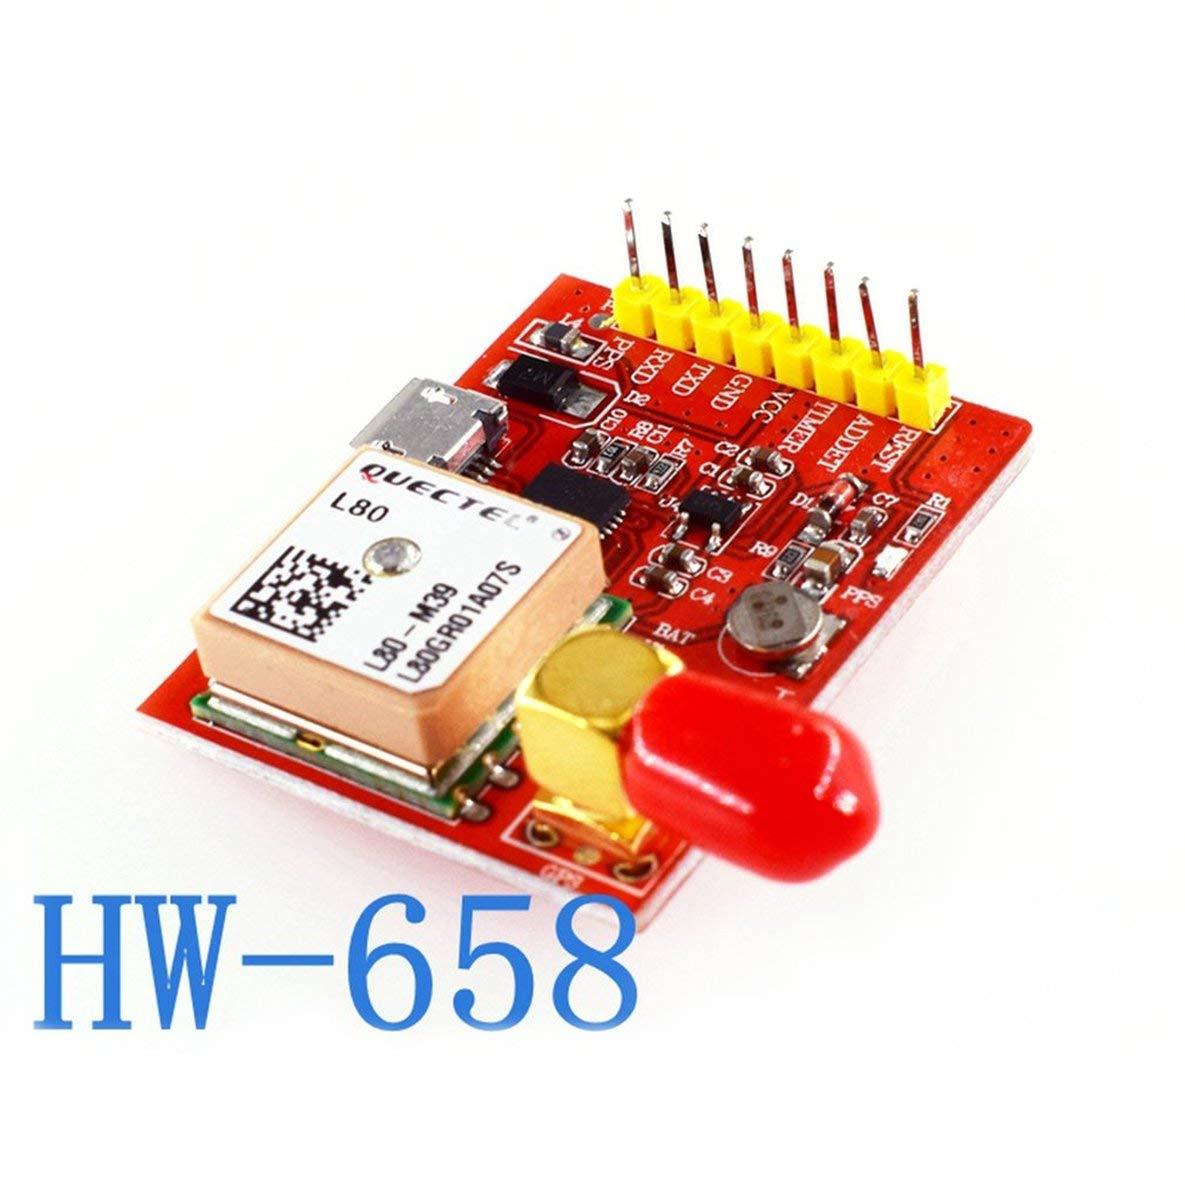 HW-658 gsm/GPRS Molde Módulo GPS USB para Raspberry Pi AB A + B + Zero 2 3 Soporte de protección contra Cortocircuitos Detección aérea: Amazon.es: ...